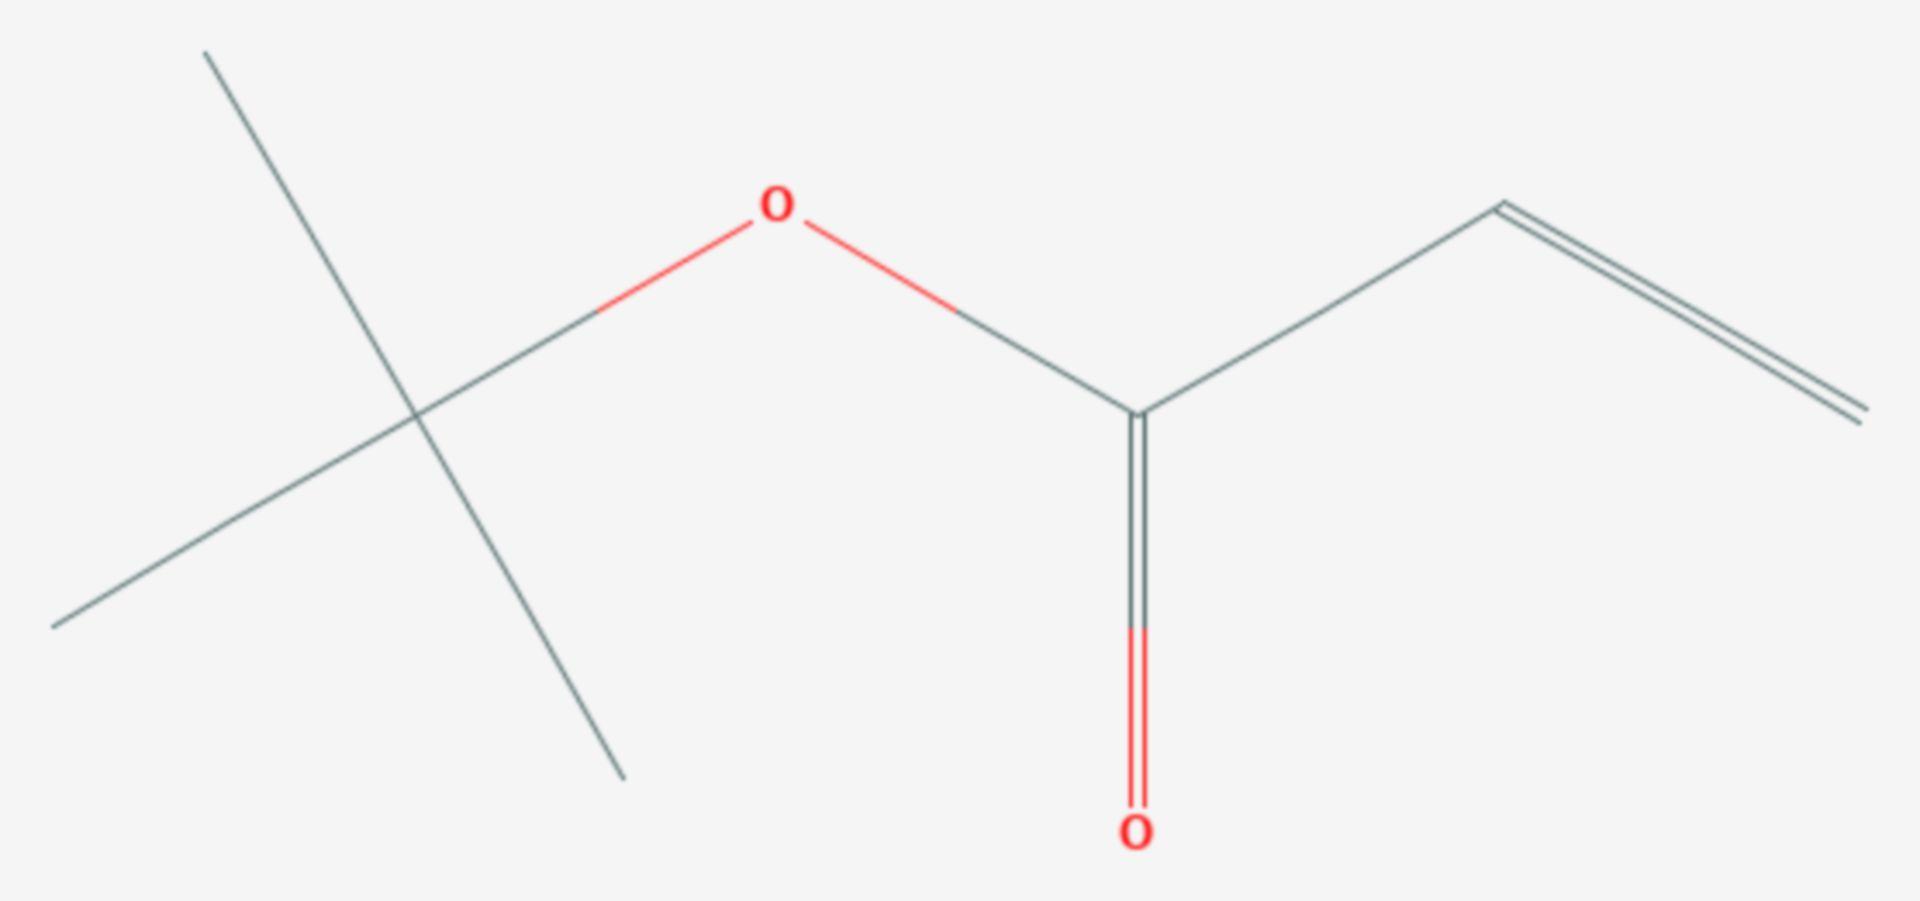 Acrylsäure-tert-butylester (Strukturformel)